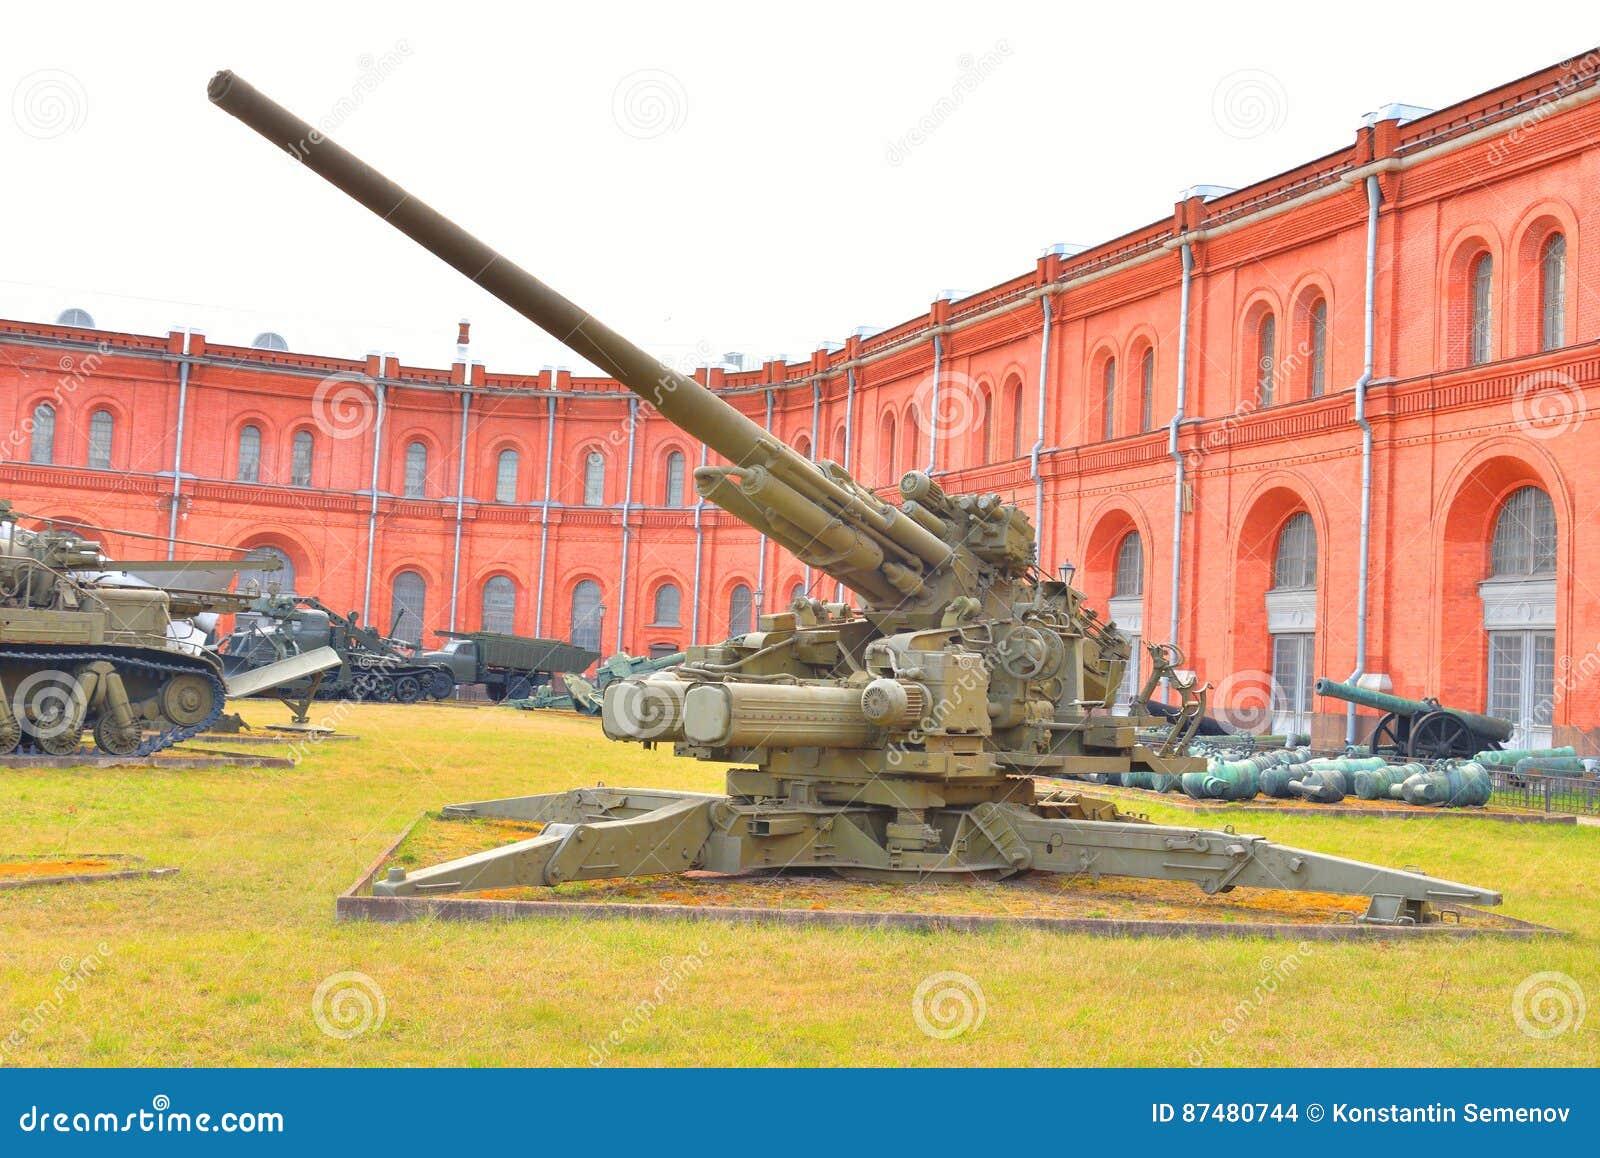 αντιαεροπορικό πυροβόλο όπλο ks-30 130mm στο στρατιωτικό μουσείο πυροβολικού